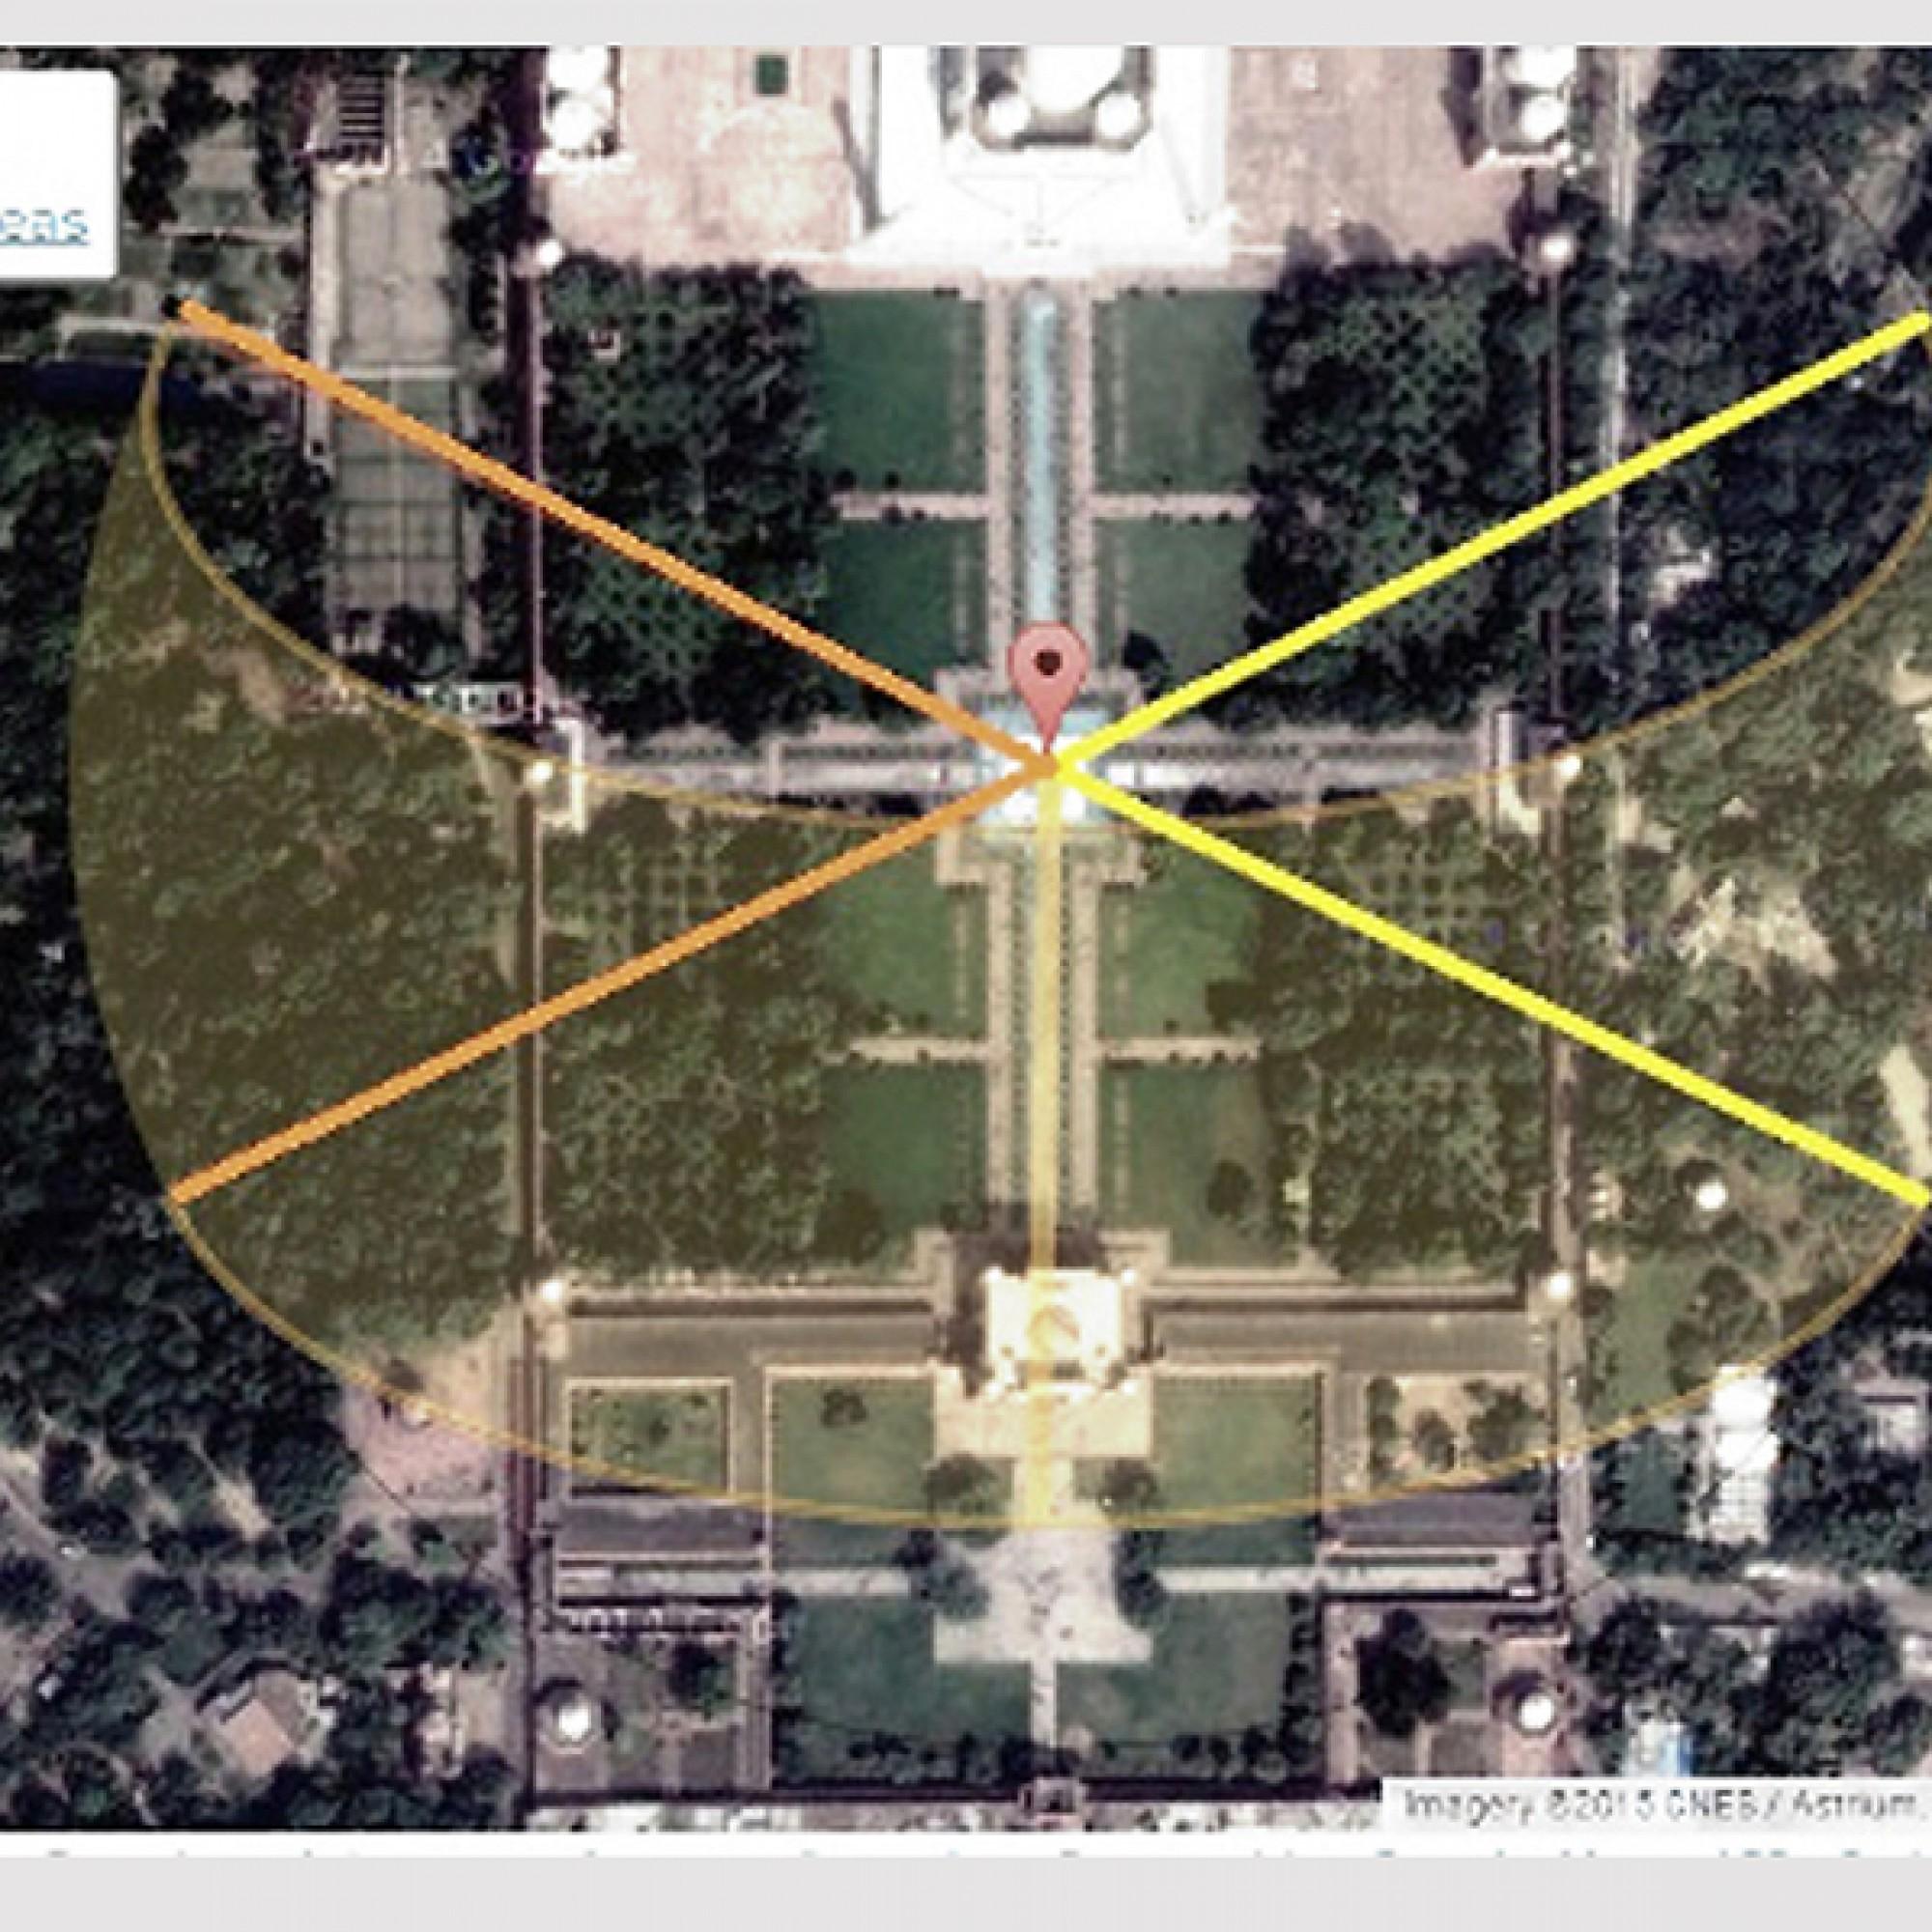 Die Sonnenaufgänge - orangegarbene  Linien -  und die Sonnenuntergänge können an der Sommer- bzw. Wintersonnenwende über den entsprechenden Pavillons beobachtet werden. (zvg)